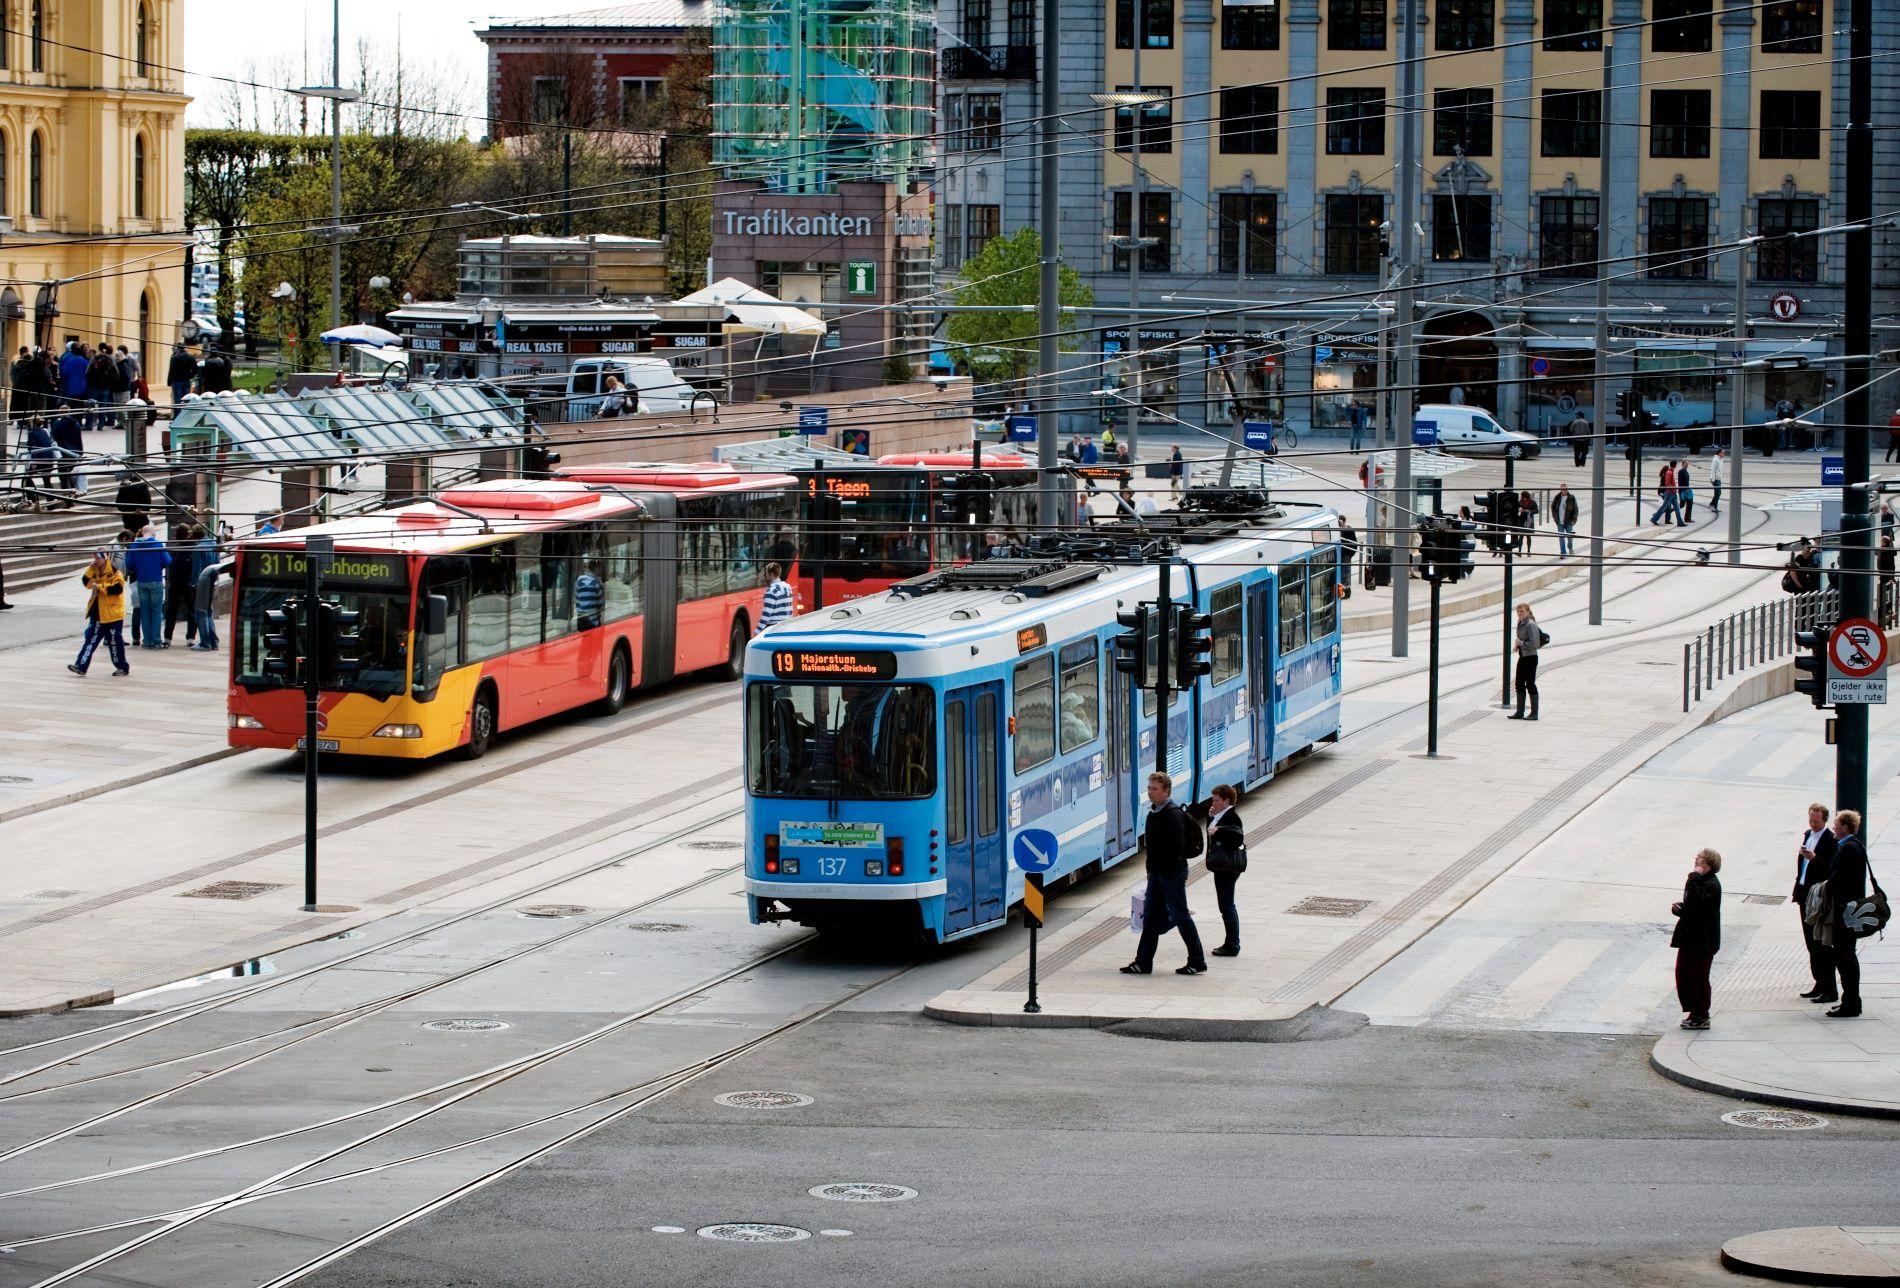 SPLITTER FOLKET: Bompengekaoset deler Oslobefolkningen i to. Likevel er de fleste i hovedstaden tilhengere av å bruke bompenger på kollektivtrafikk og tiltak for gående og syklende. Bildet er tatt på Jernbanetorget midt i Oslo sentrum i 2009.